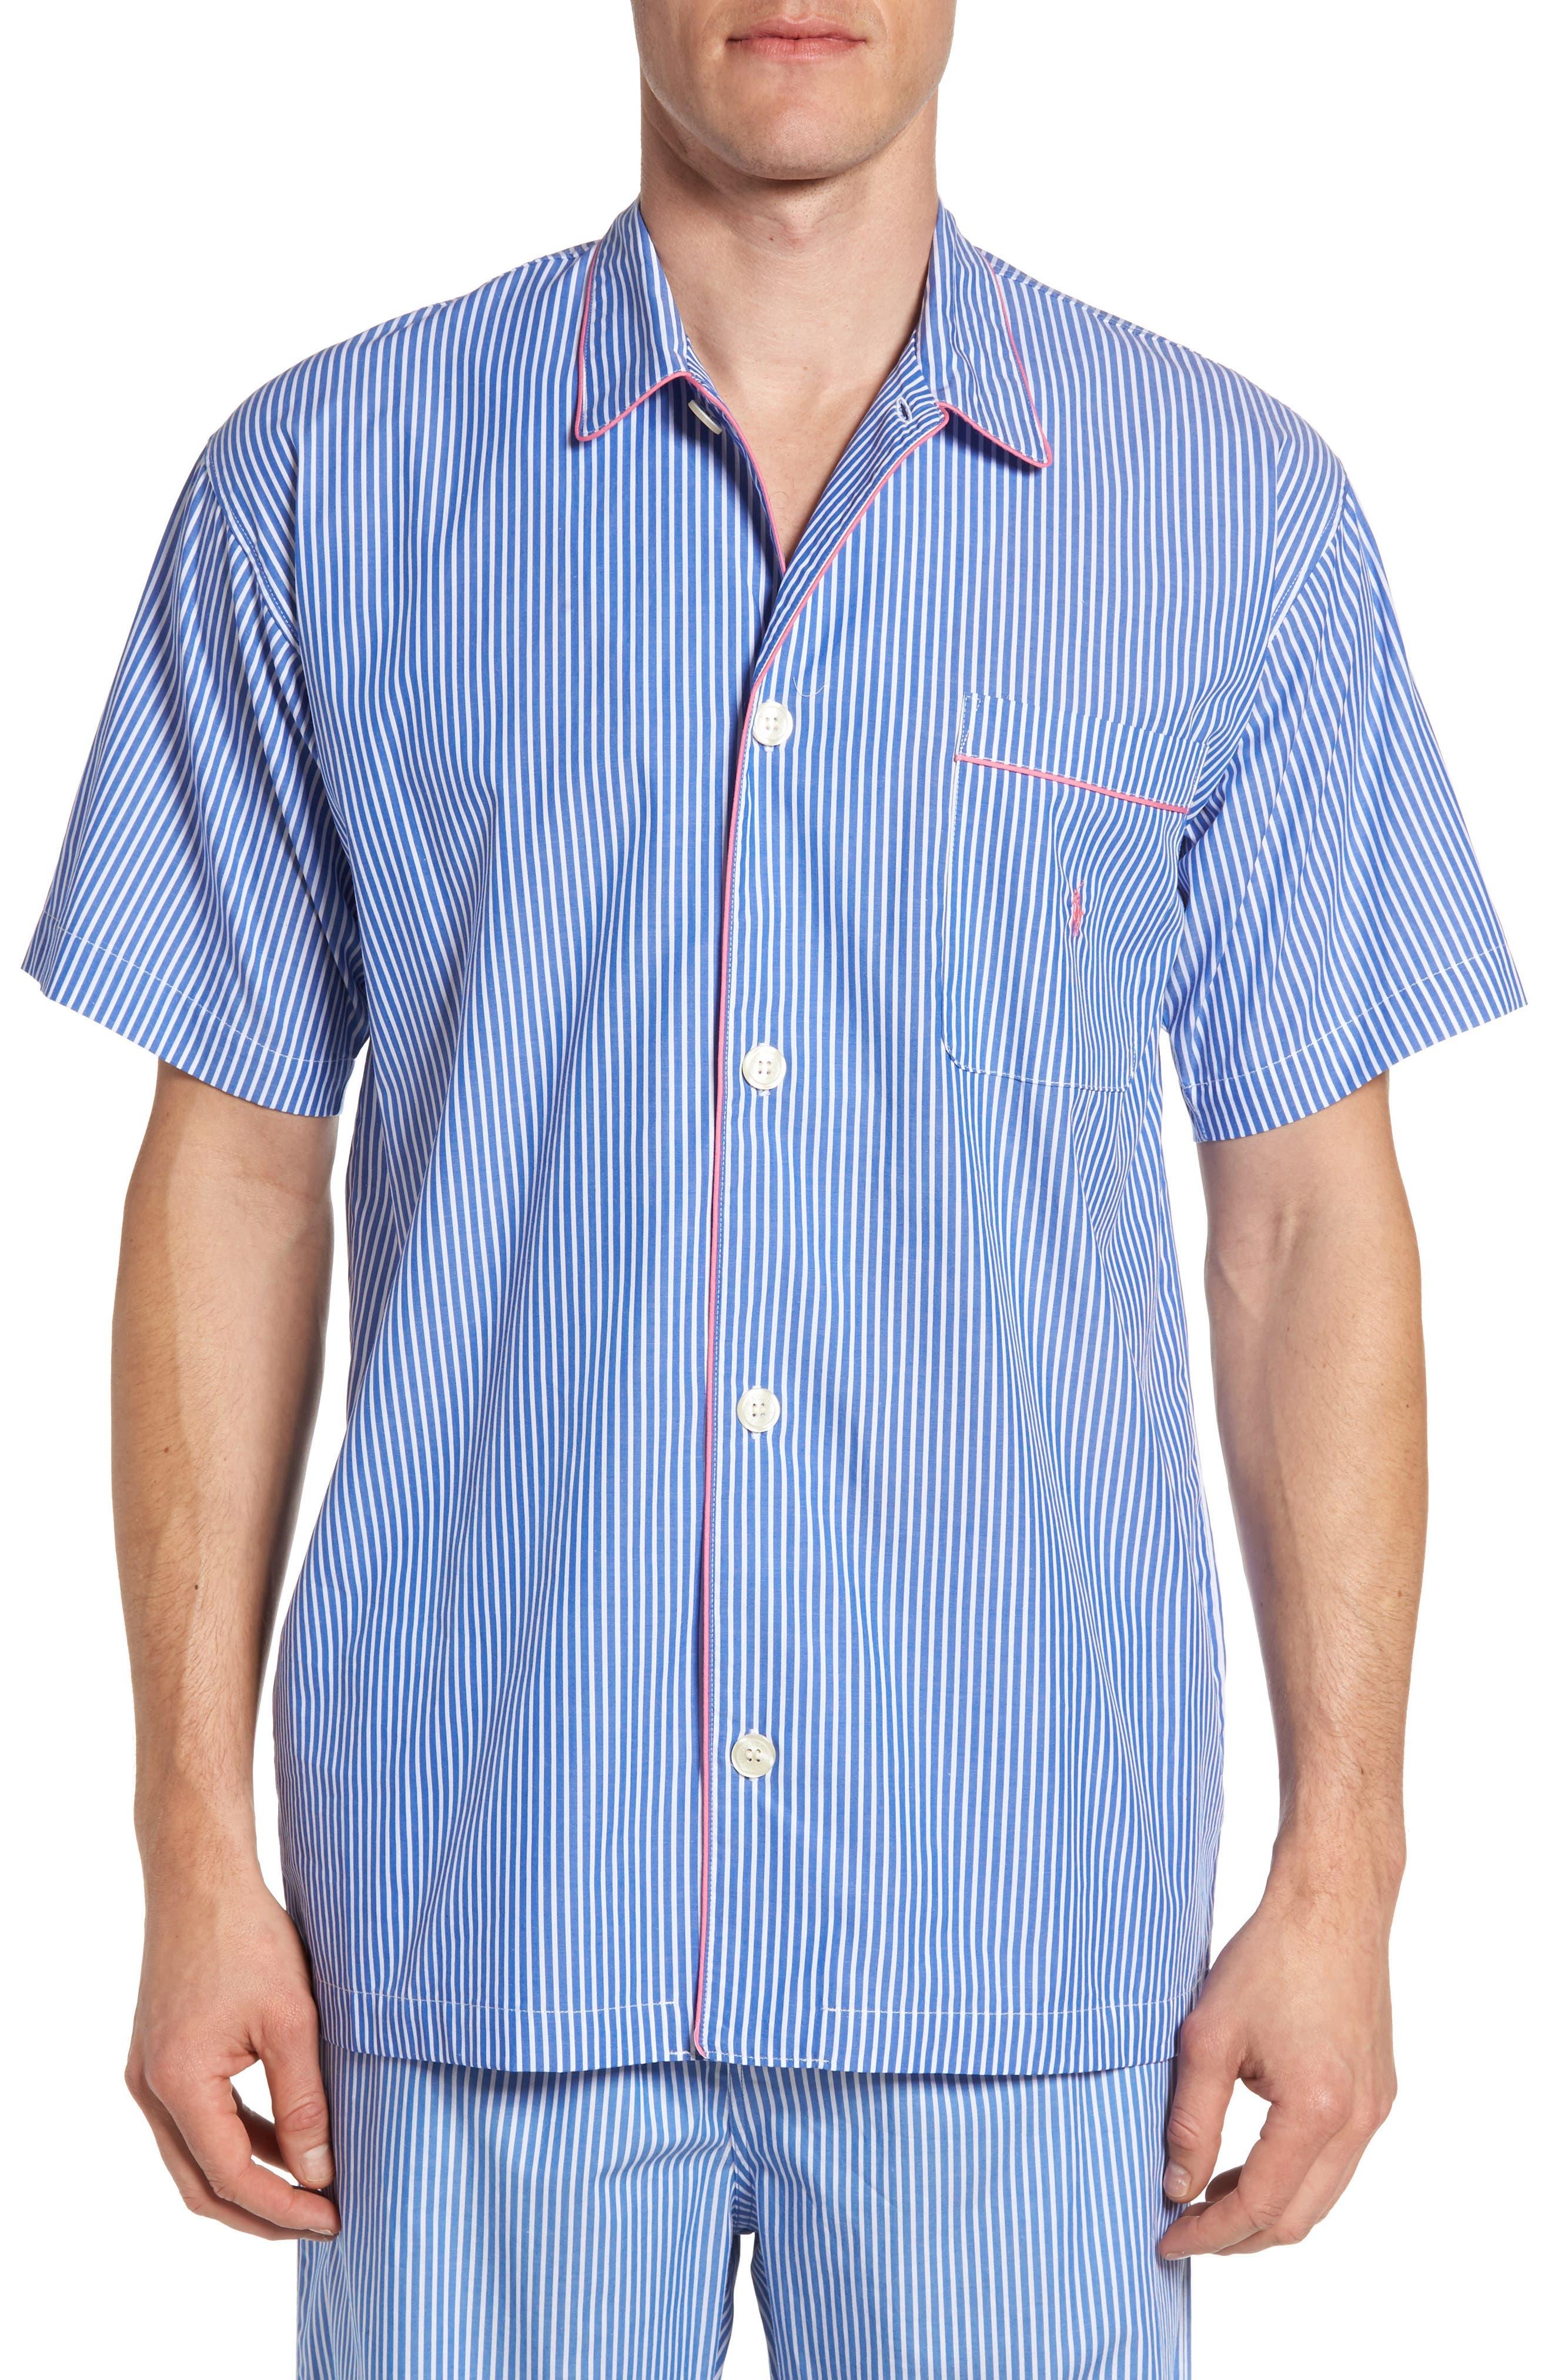 Polo Ralph Lauren Woven Cotton Pajama Top